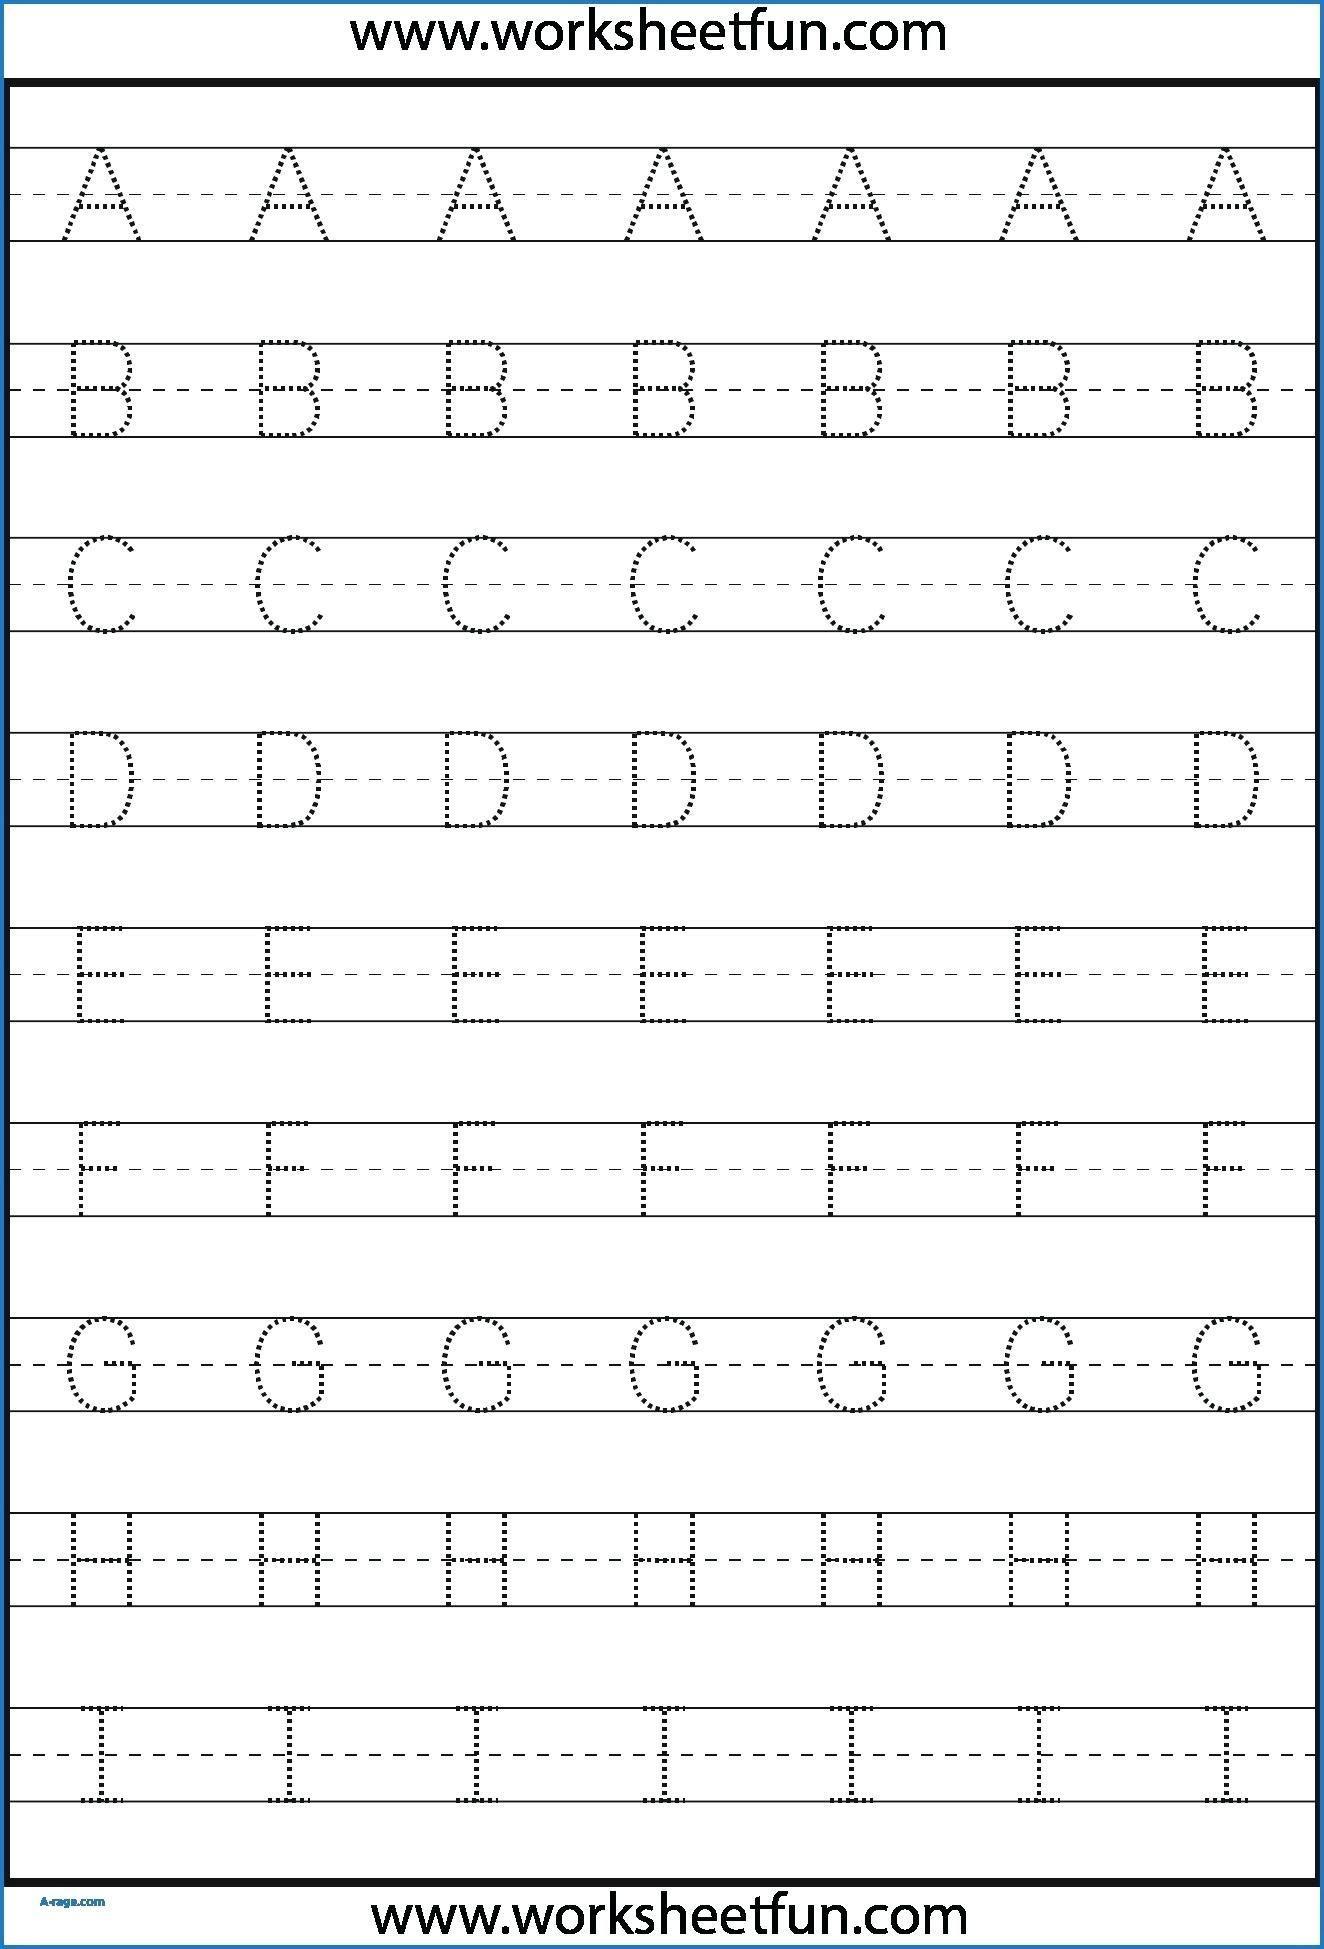 Kindergarten Letter Tracing Worksheets Pdf - Wallpaper Image intended for Letter S Worksheets For Kindergarten Pdf